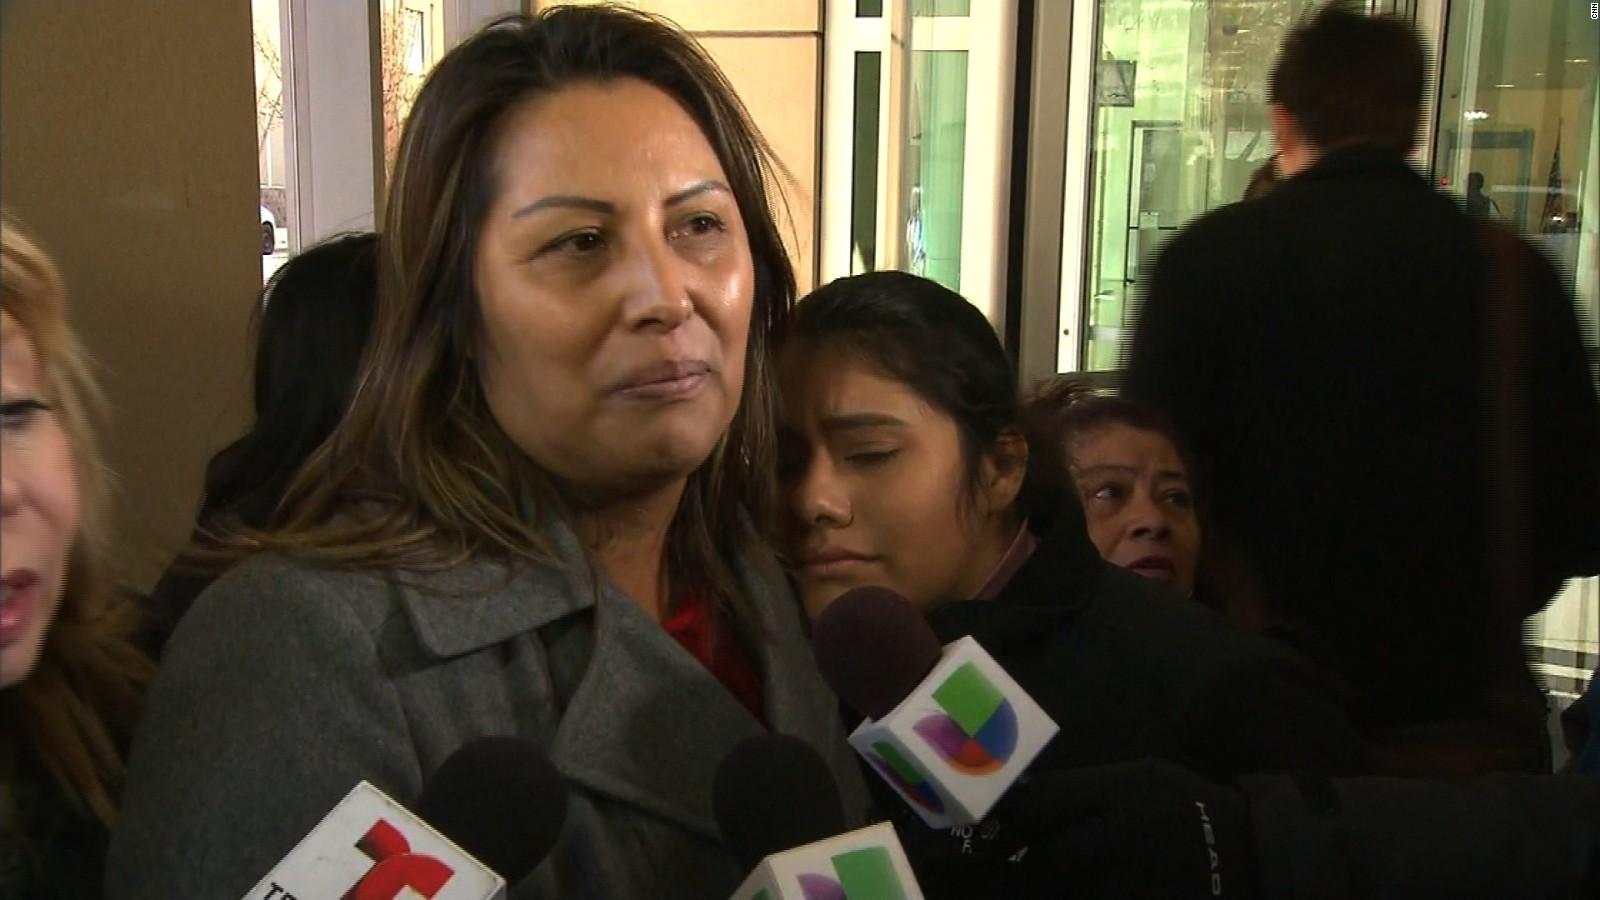 Image result for refugee moms deported and kids left in US